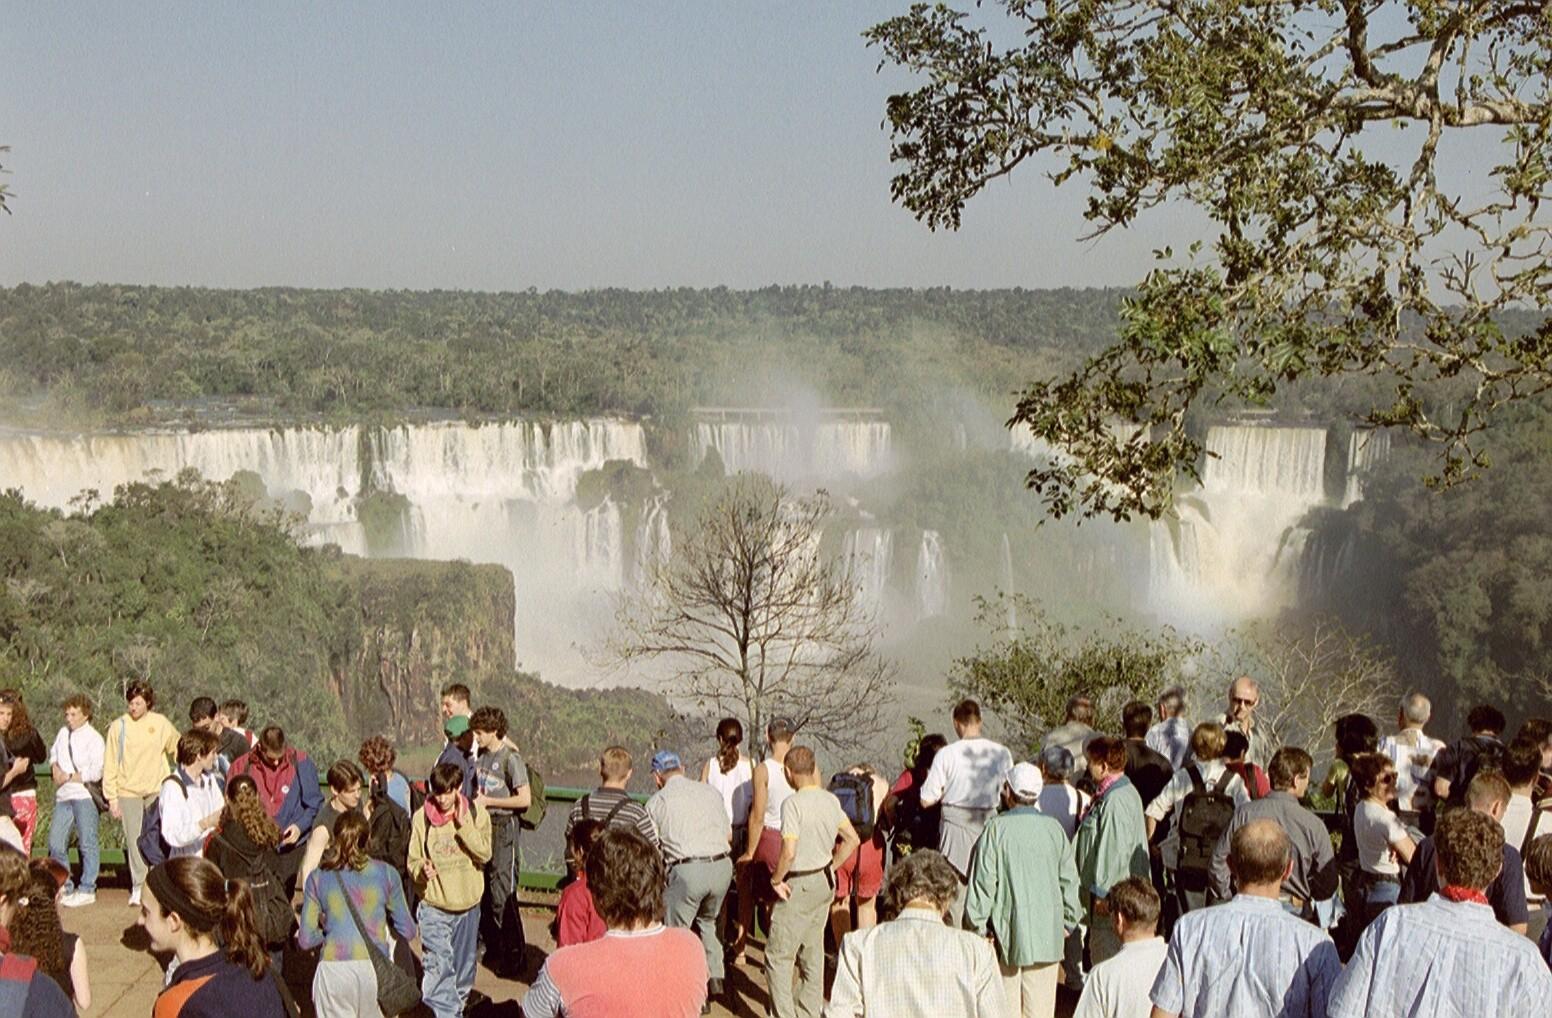 Weiterflug zu den gewaltigen Iguaçu-Wasserfällen